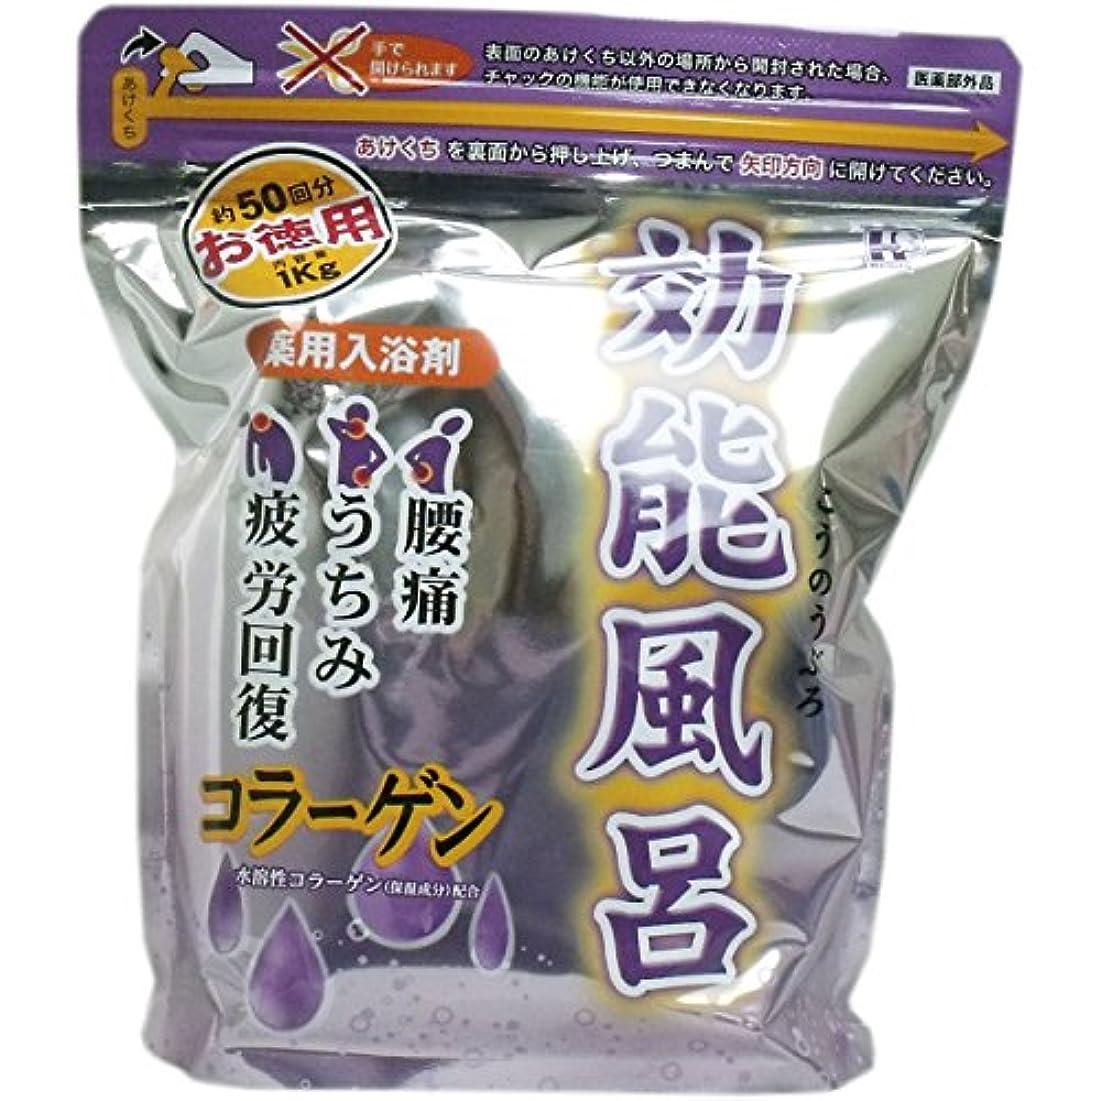 提出するルーボイド効能風呂 薬用入浴剤 コラーゲン 1Kg